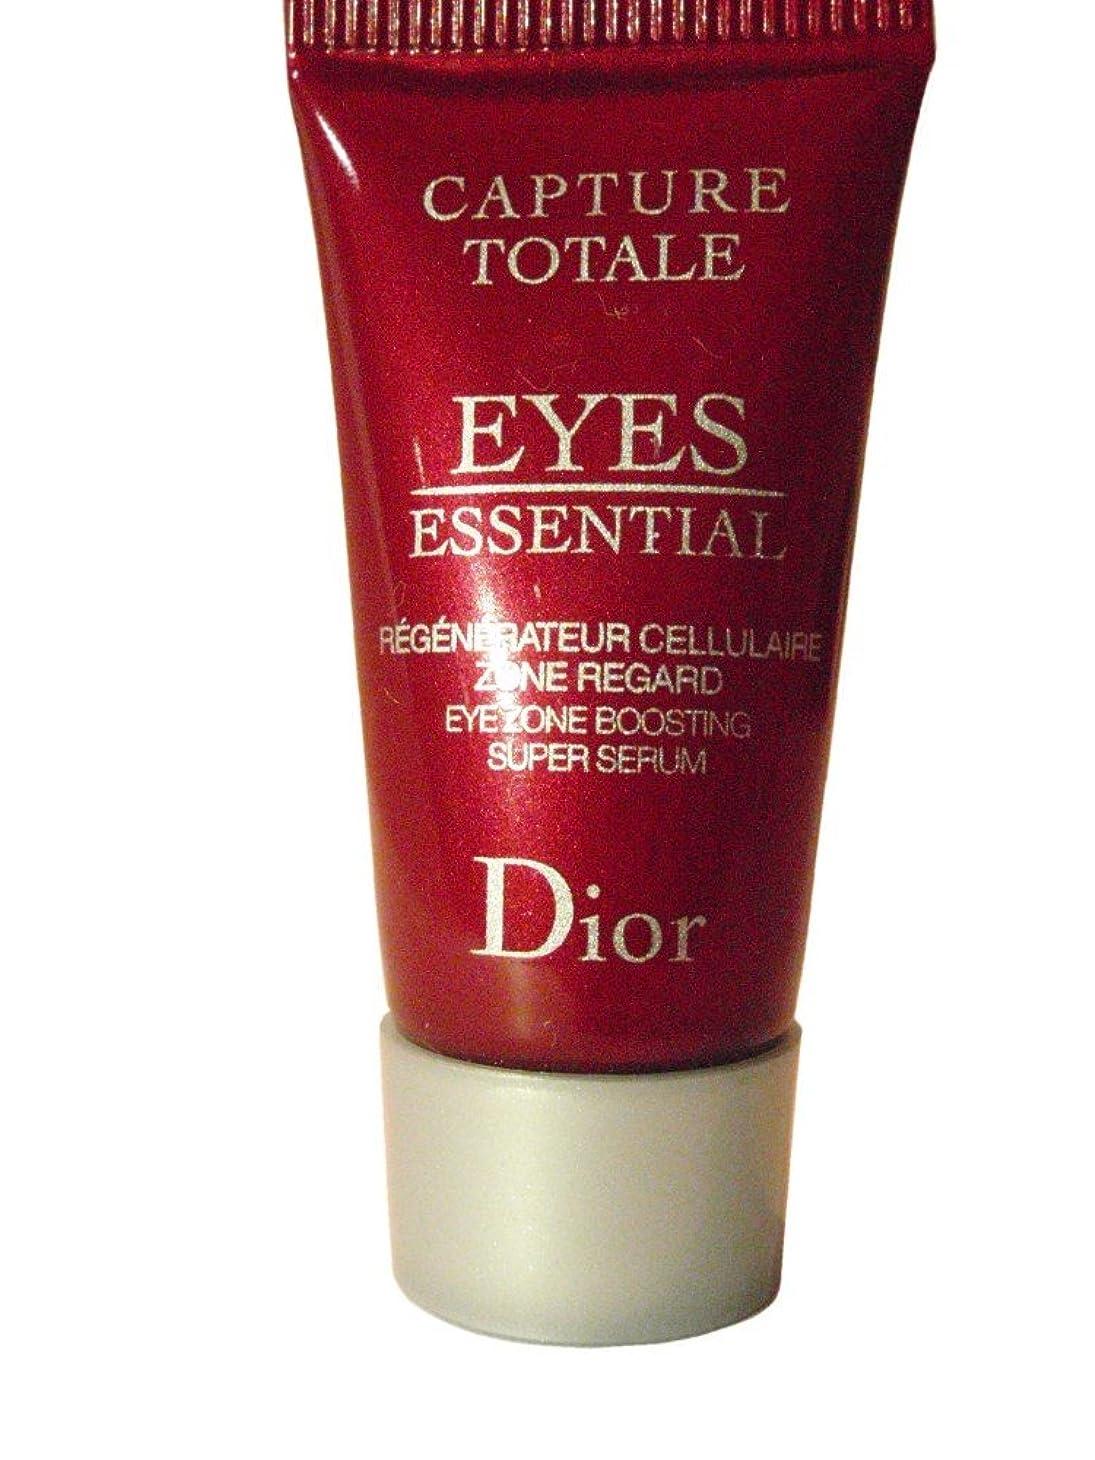 マーガレットミッチェルところで関係ないChristian Dior クリスチャン ディオール Eye Zone Boosting Super Serum (4ml)